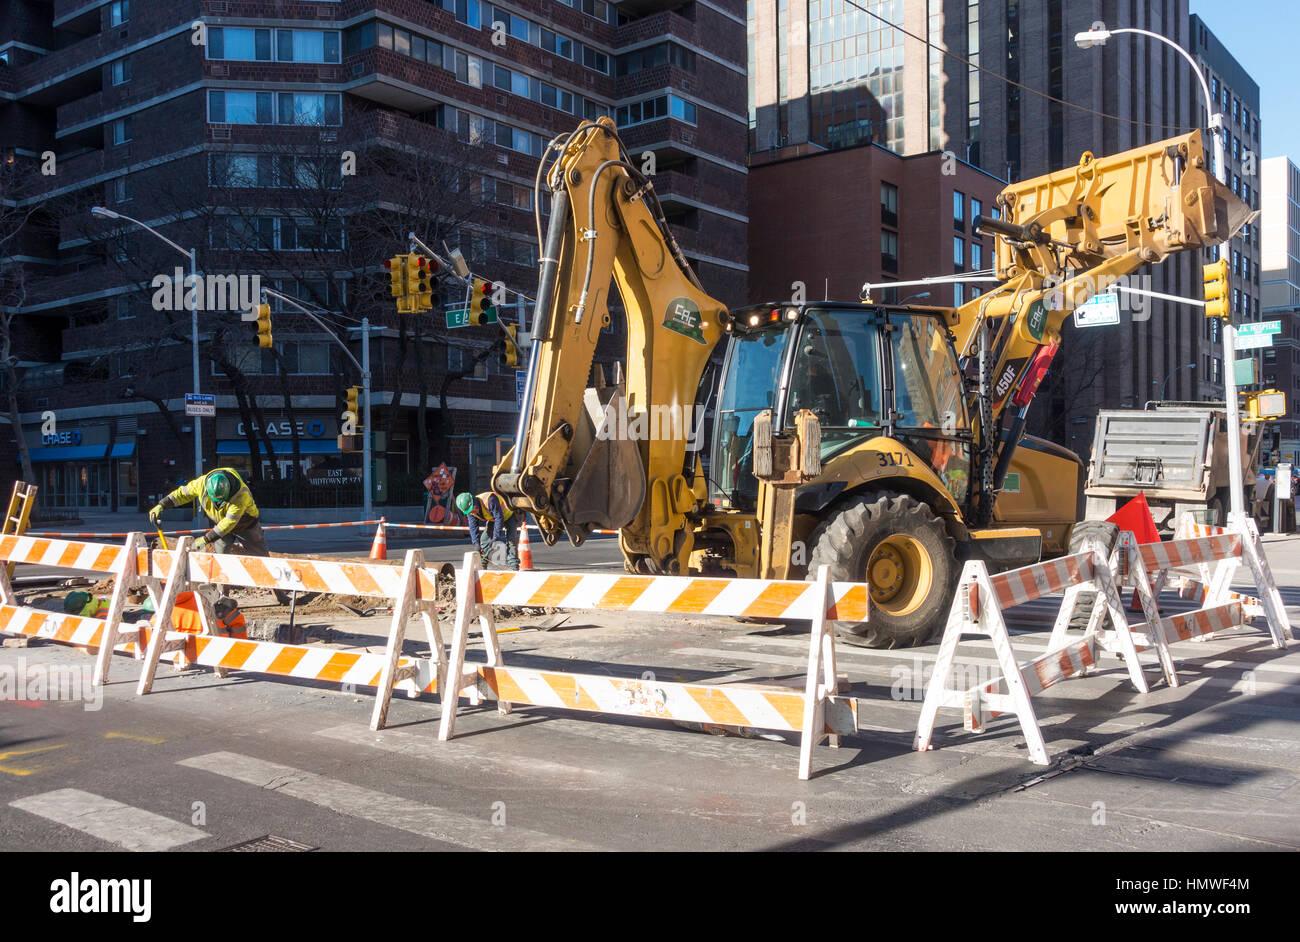 Bauarbeiten an der Infrastruktur von New York City Stockbild